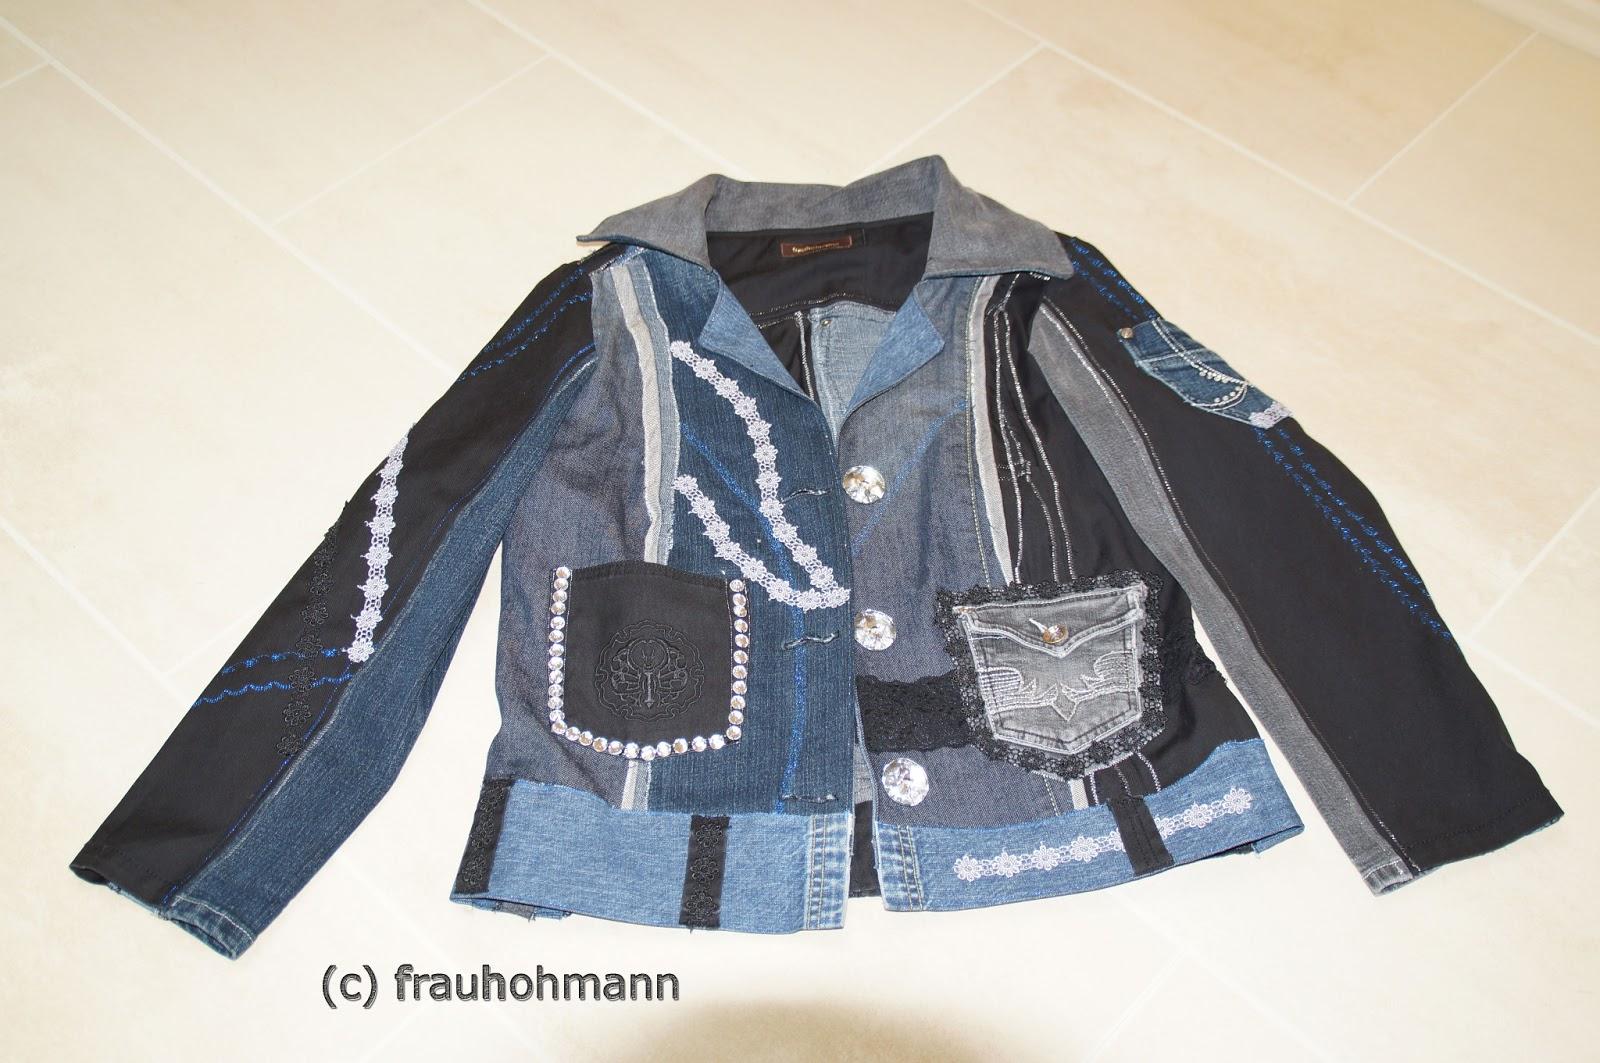 willkommen bei frauhohmann jeansjacke aus alten jeans. Black Bedroom Furniture Sets. Home Design Ideas